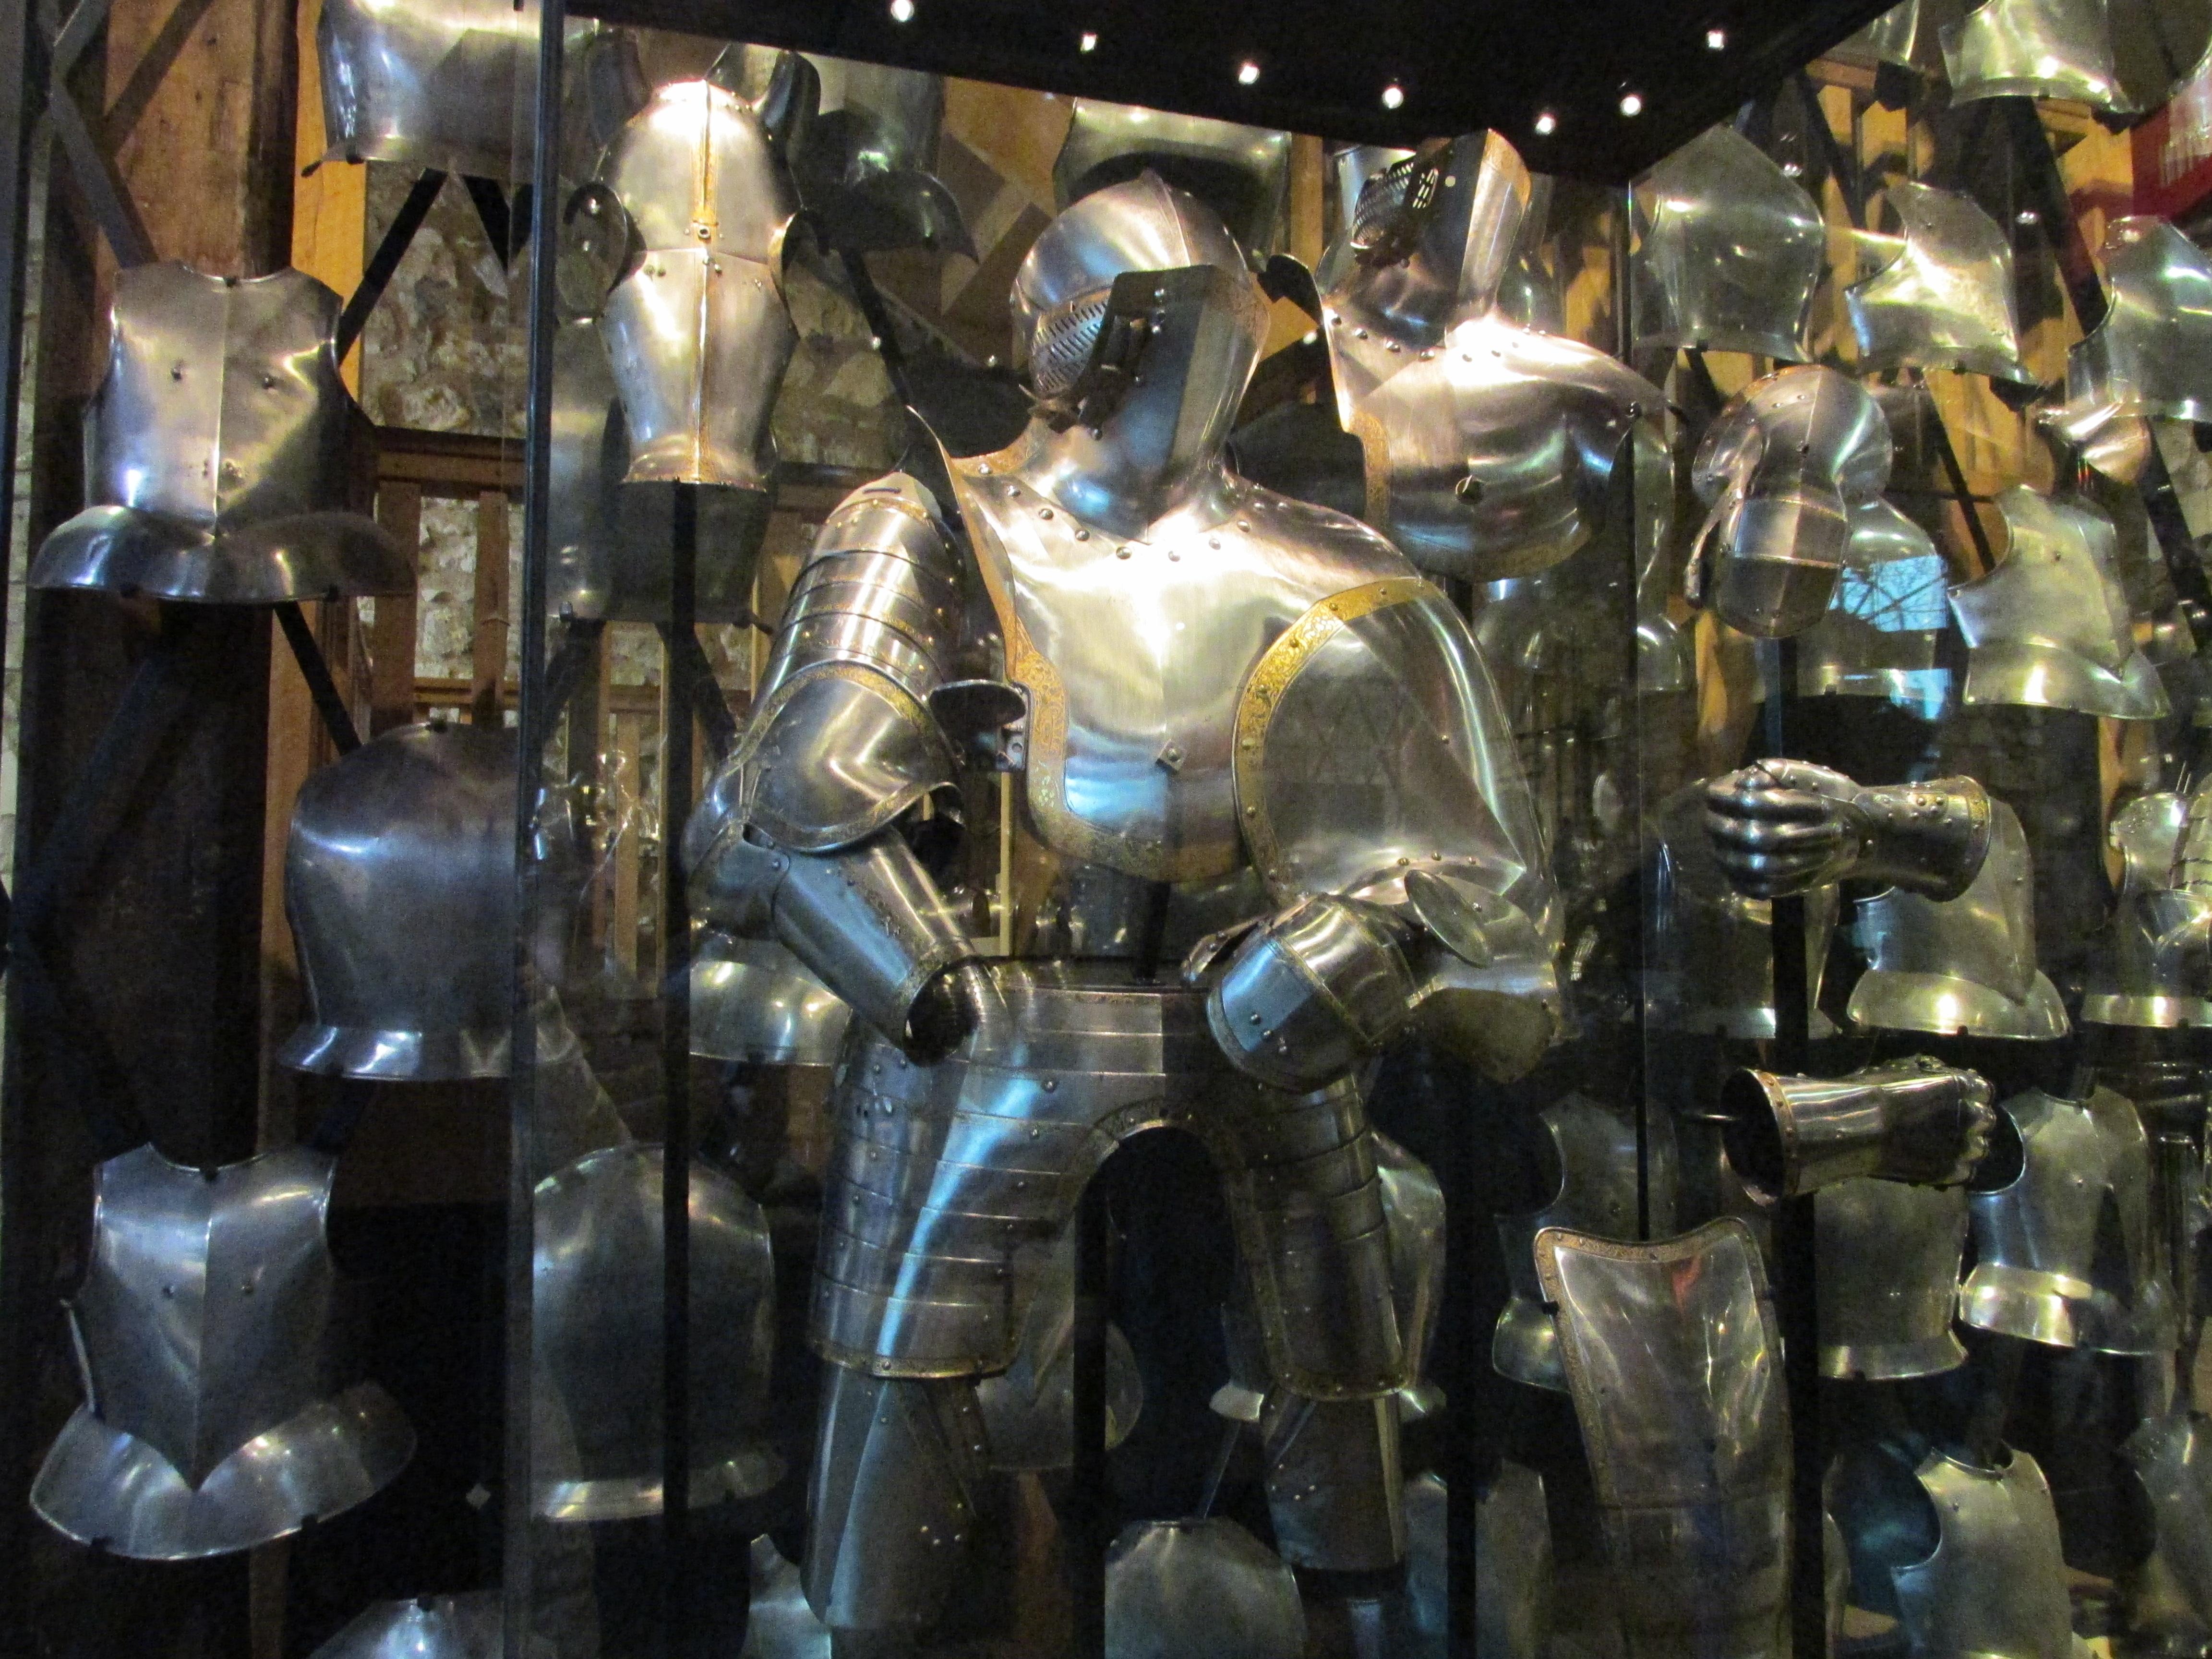 IMG 1783 - Visitando la Torre de Londres